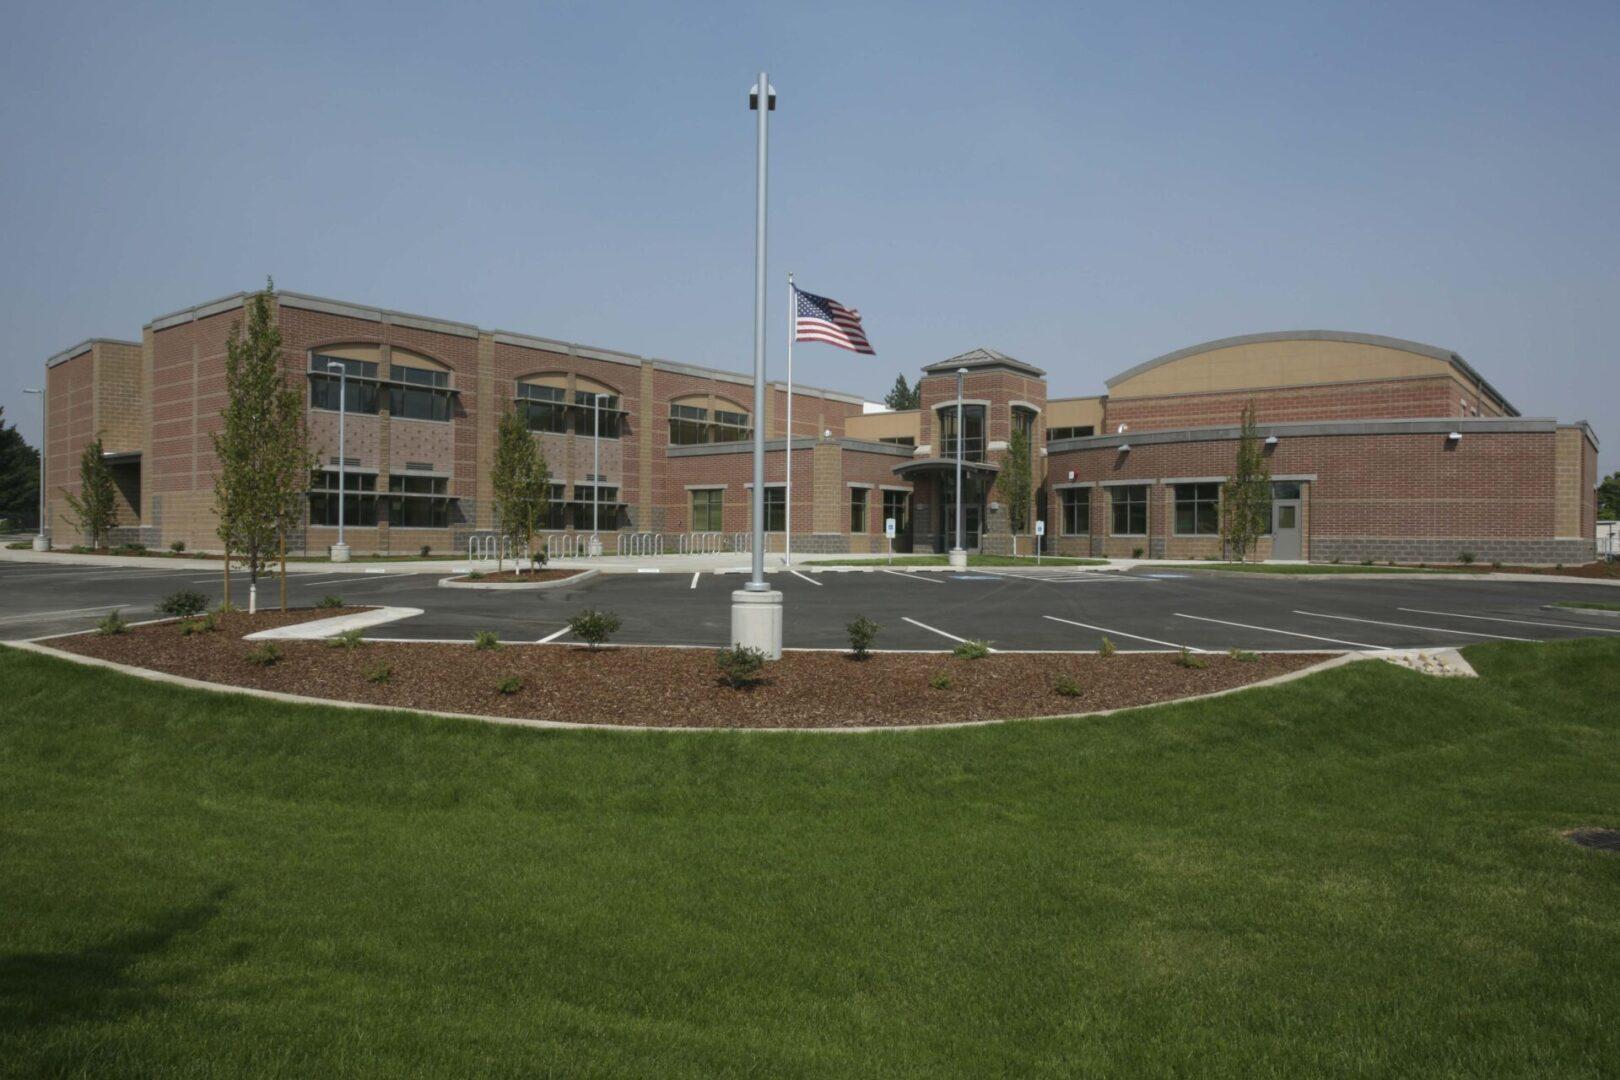 Ridgeview Elementary